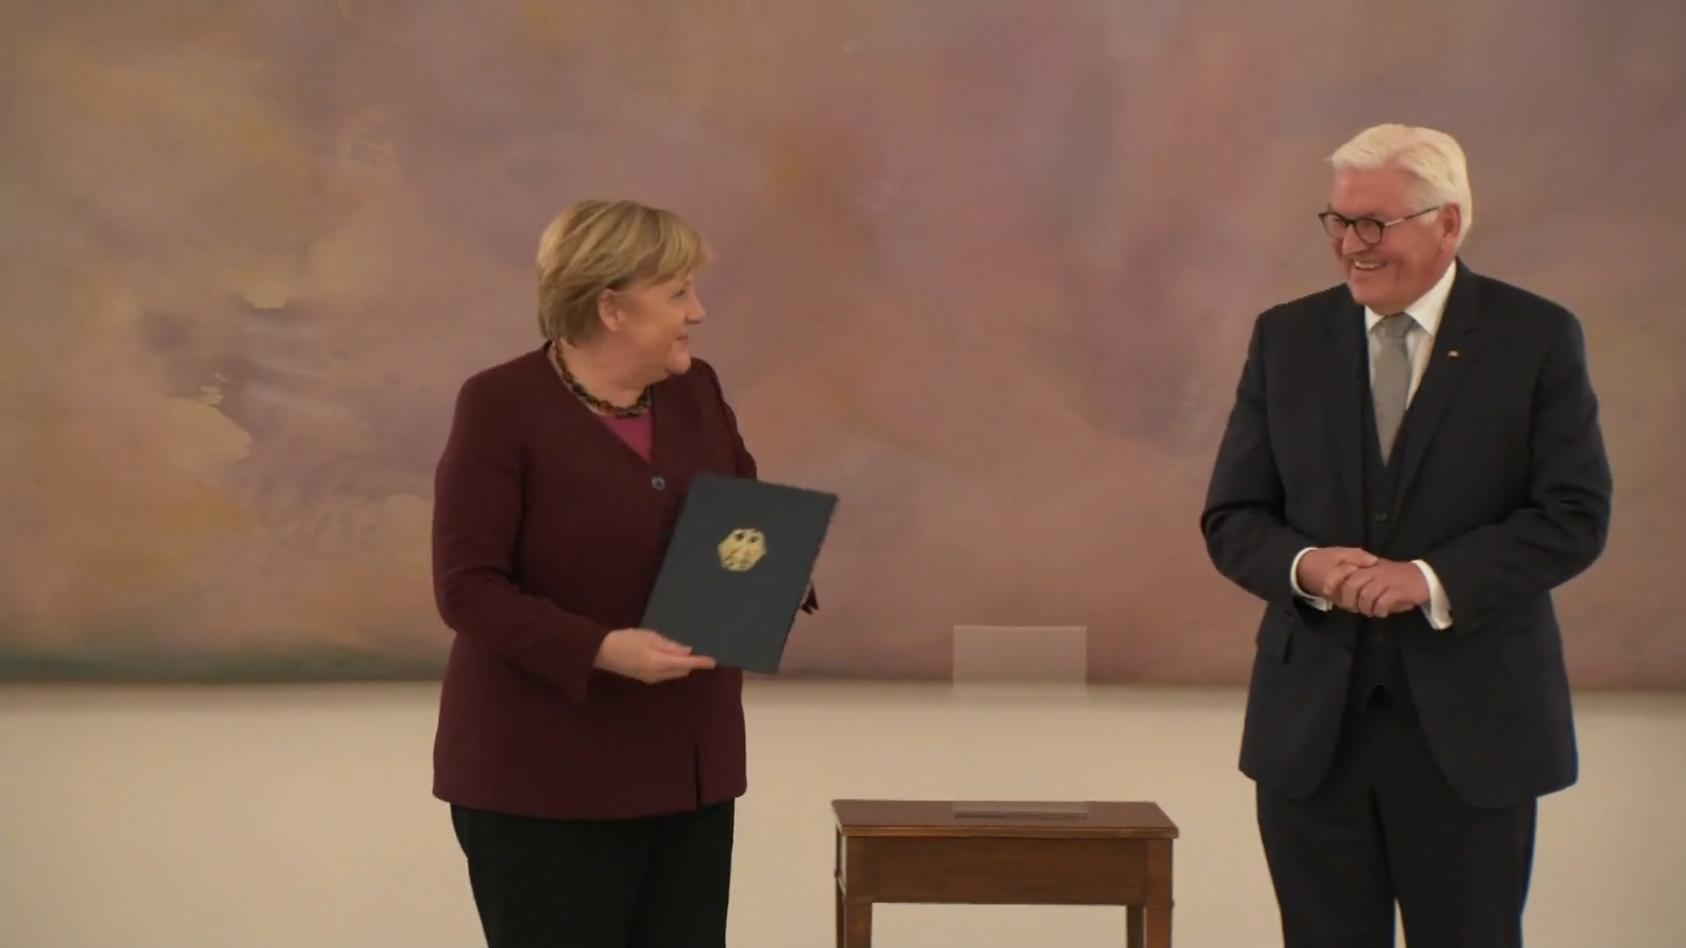 Das Ende eine Ära - Merkels Abschied endet mit einem Lacher